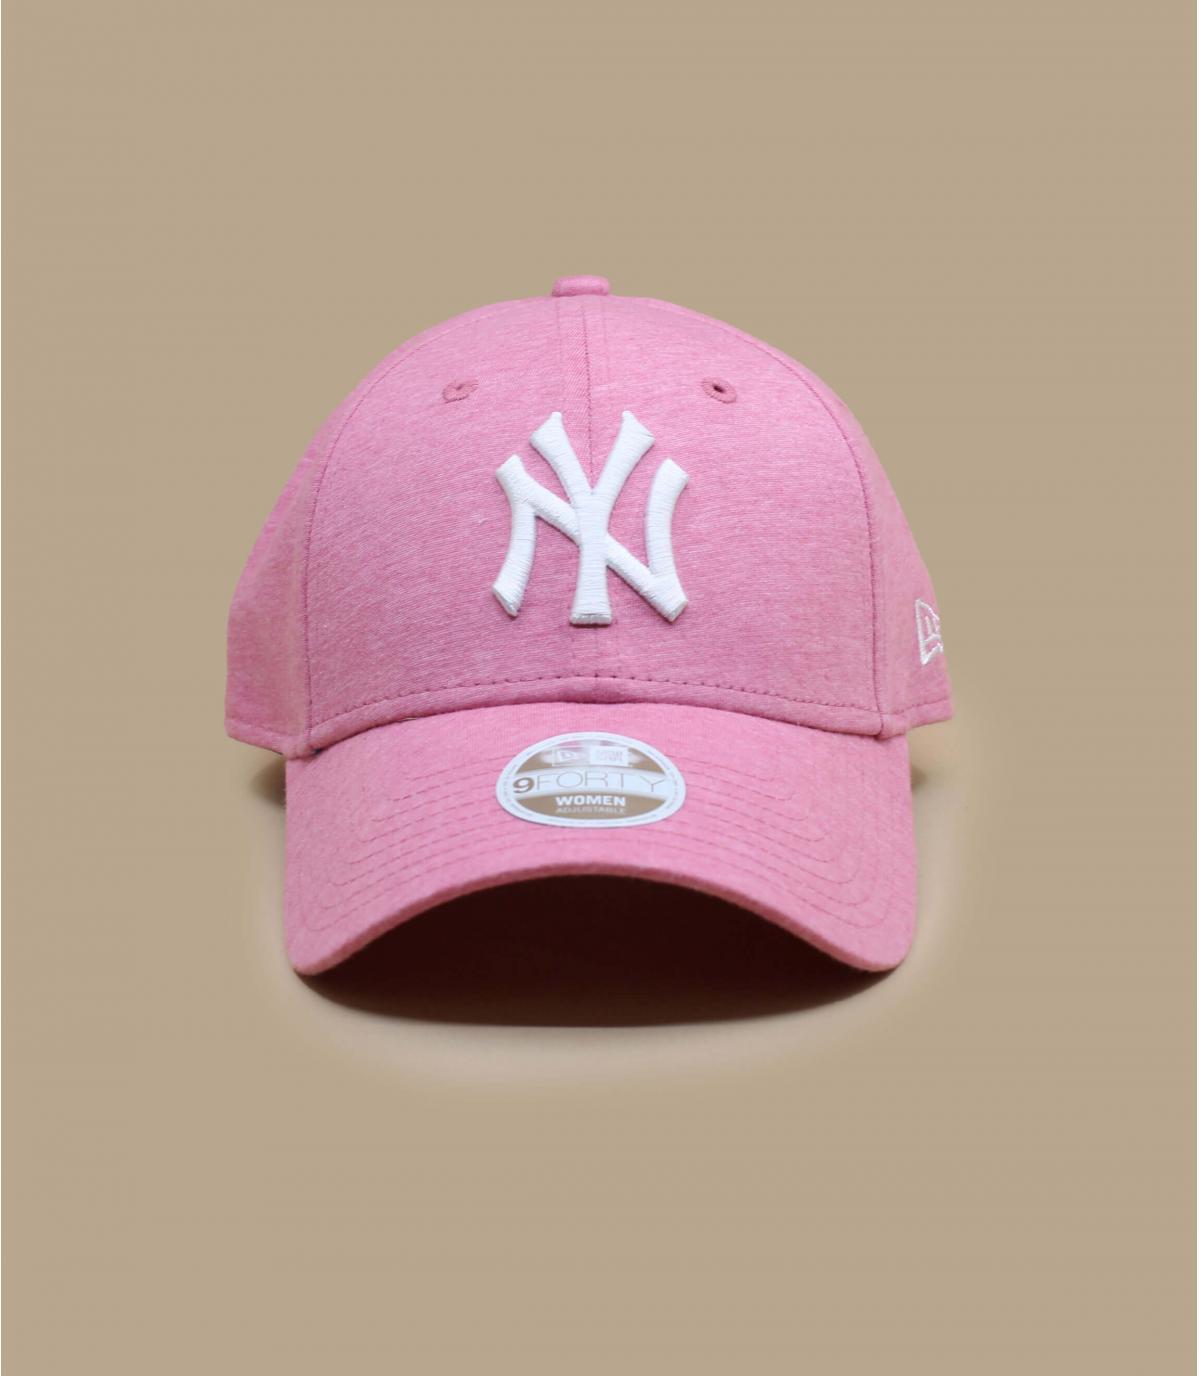 Details Cap Wmn Jersey Ess 940 NY pink - Abbildung 2